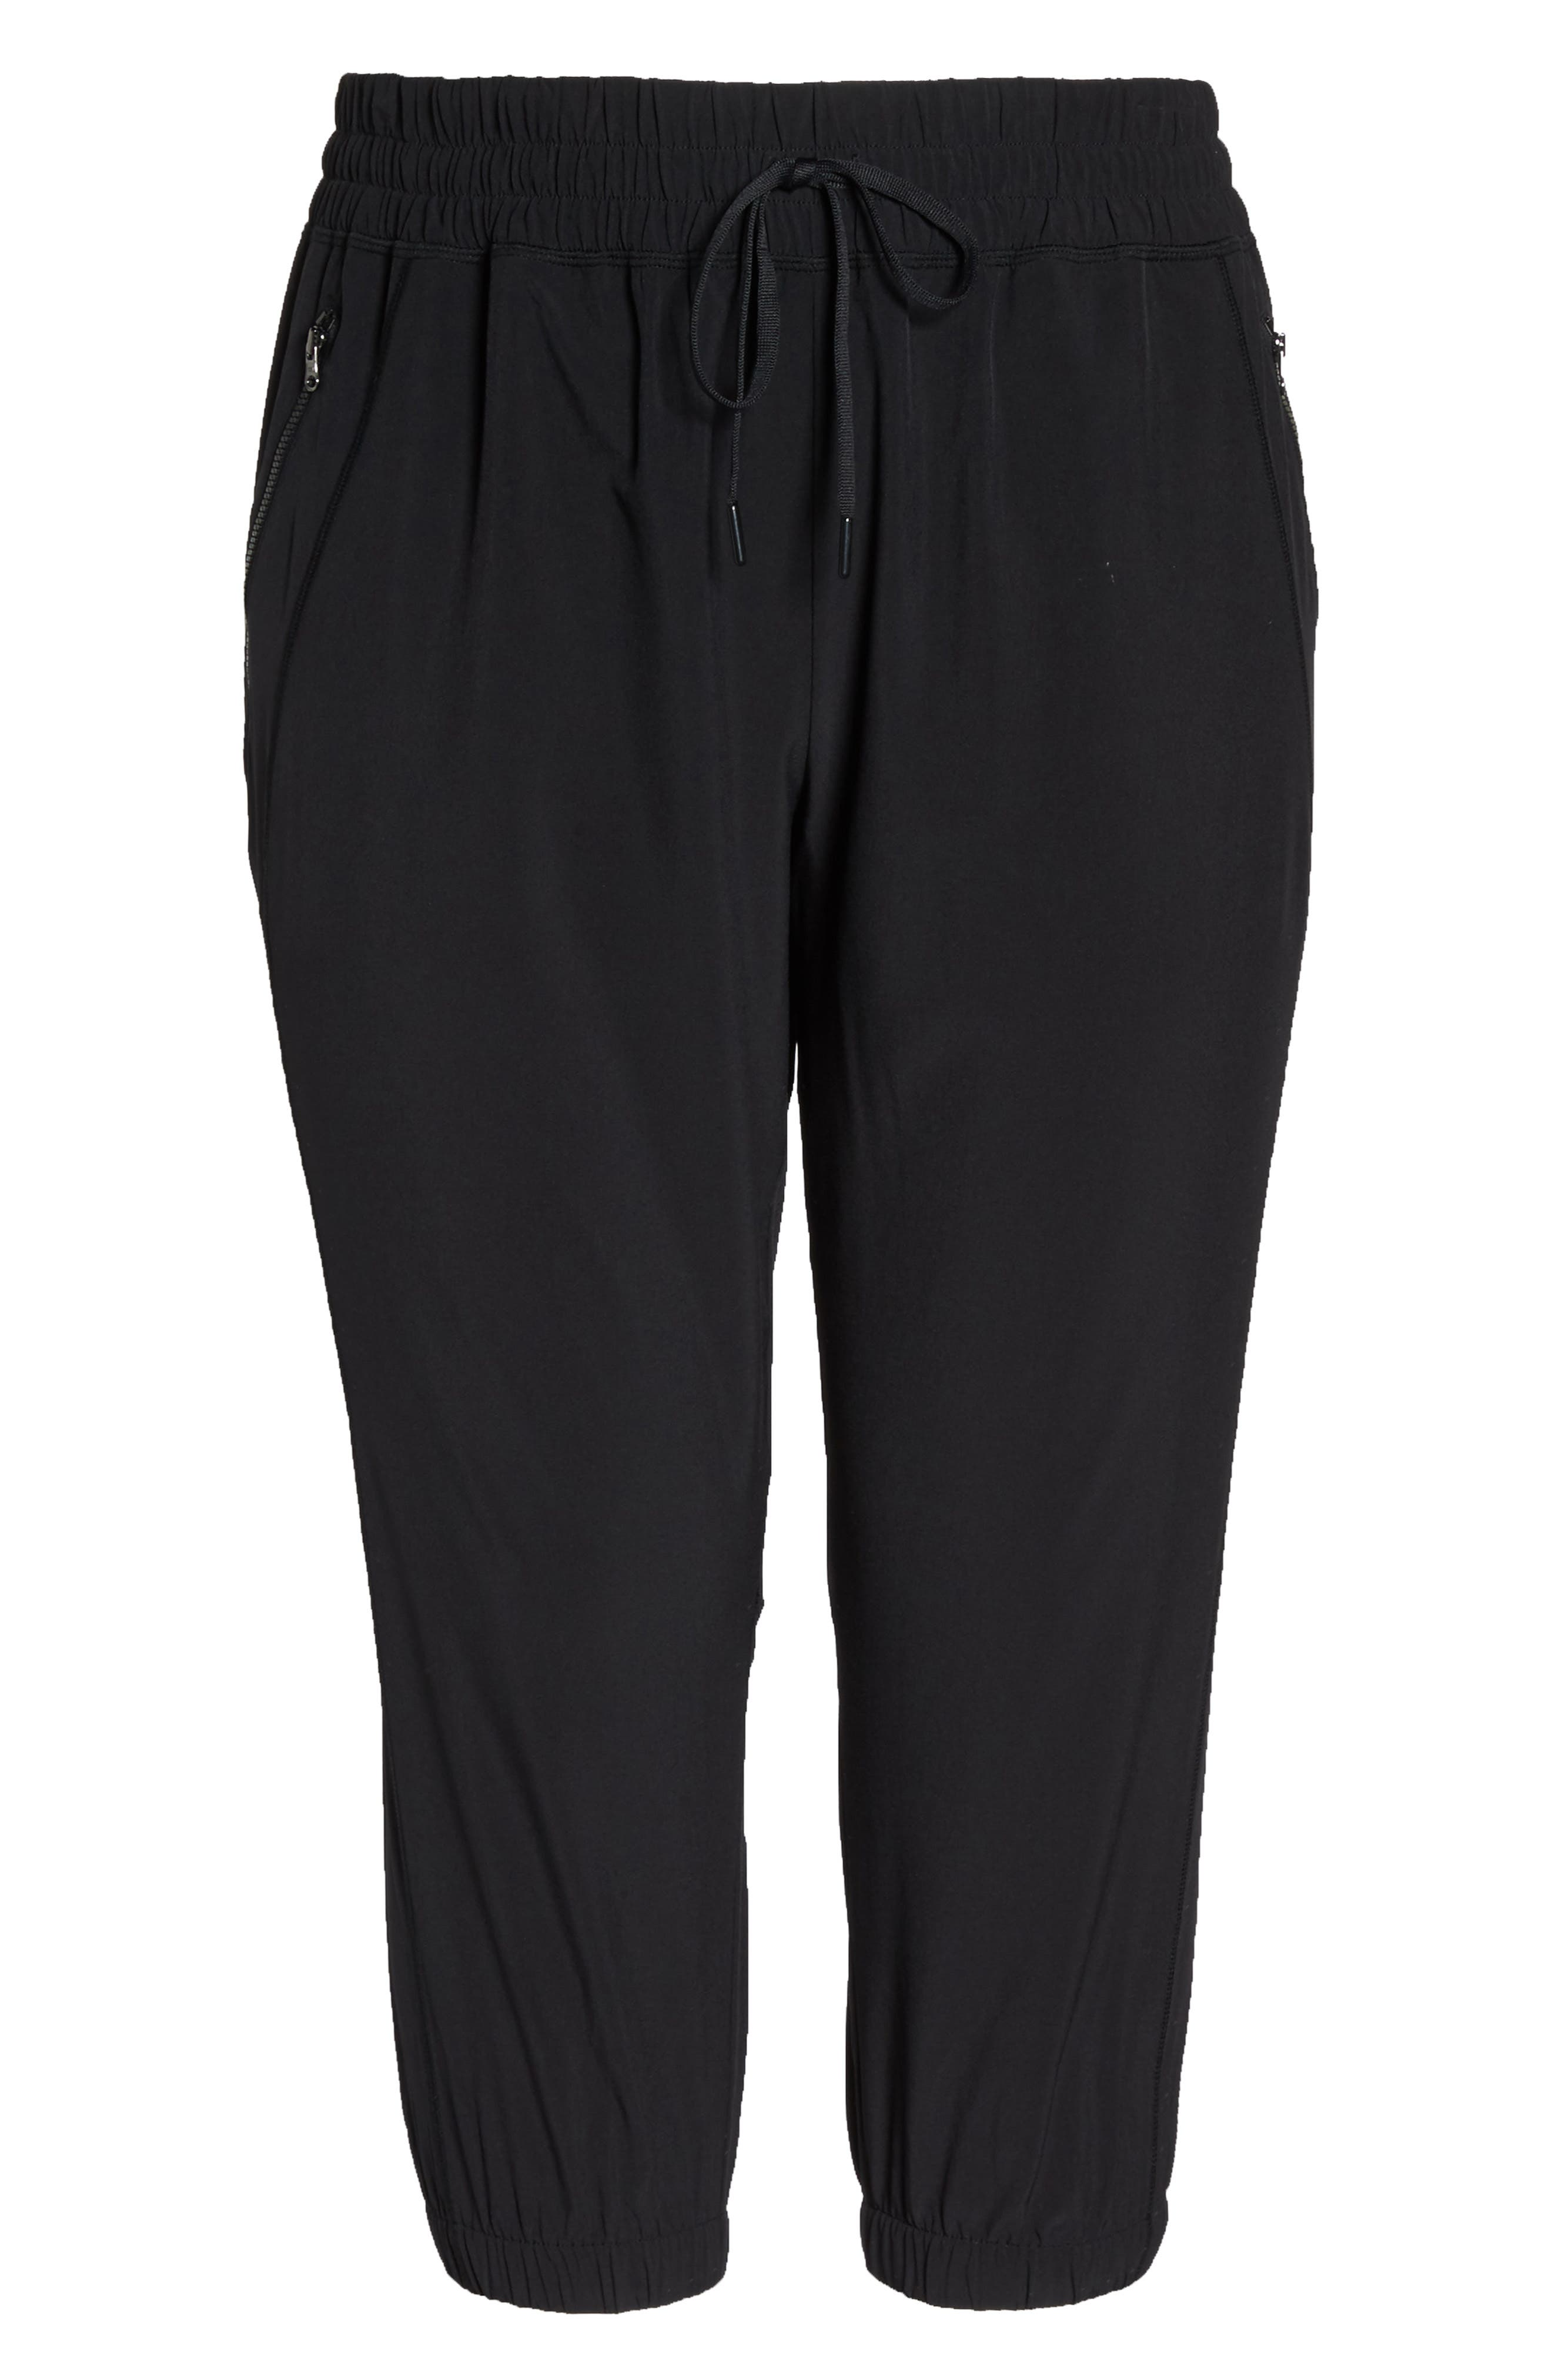 Out & About 2 Crop Pants,                             Alternate thumbnail 7, color,                             BLACK